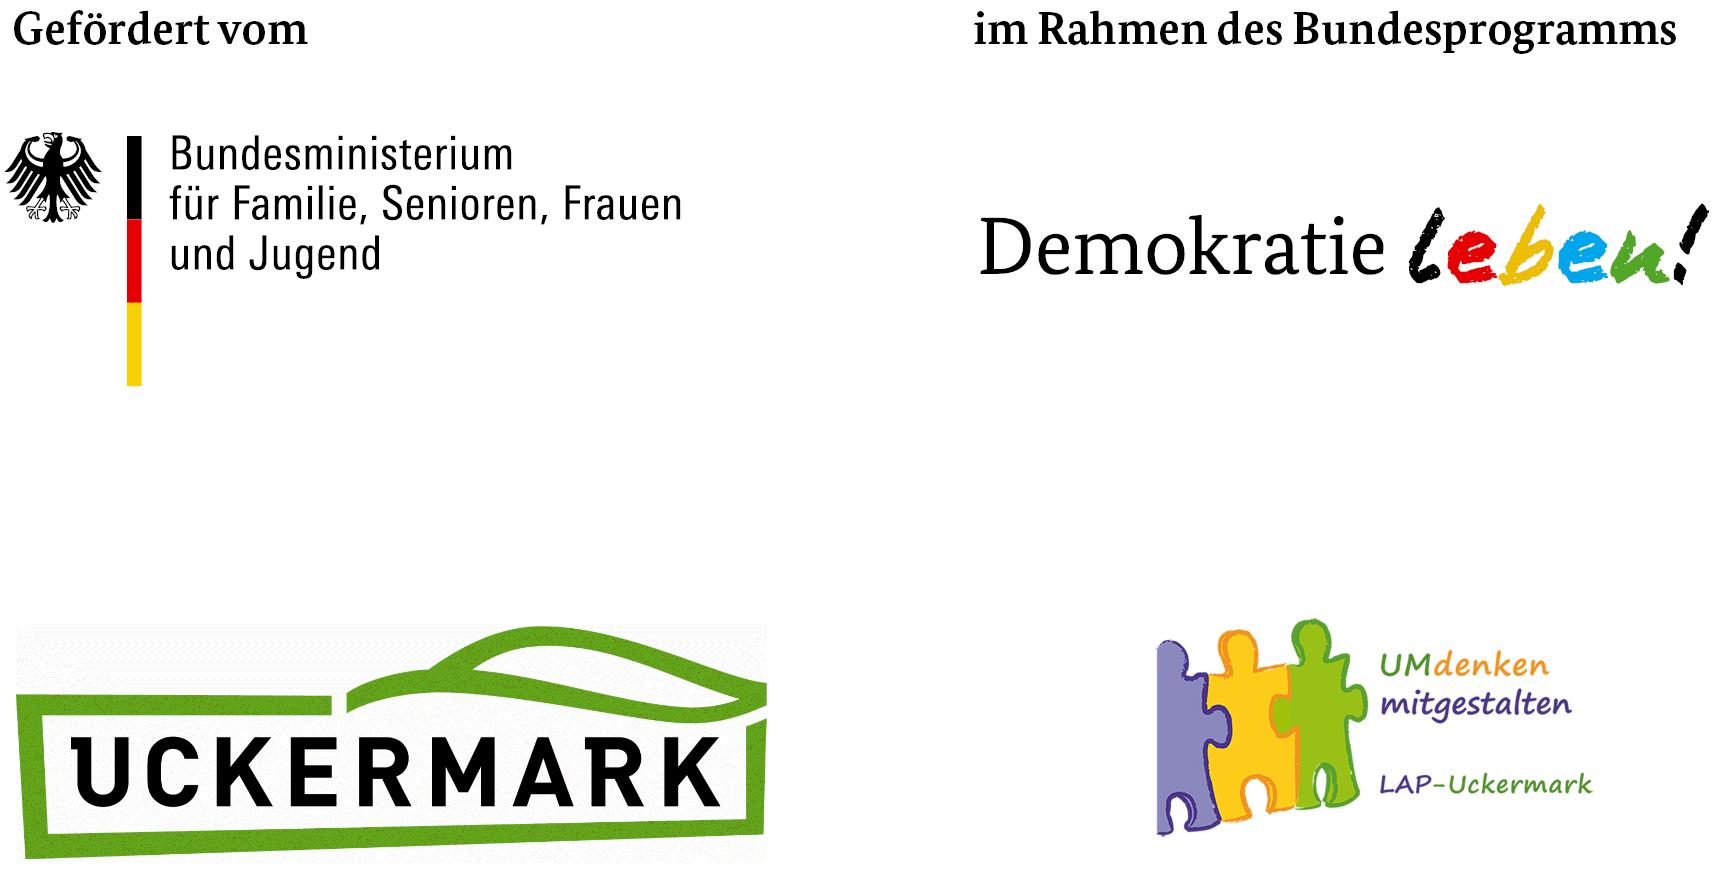 Logos Uckermark Demokratie Leben